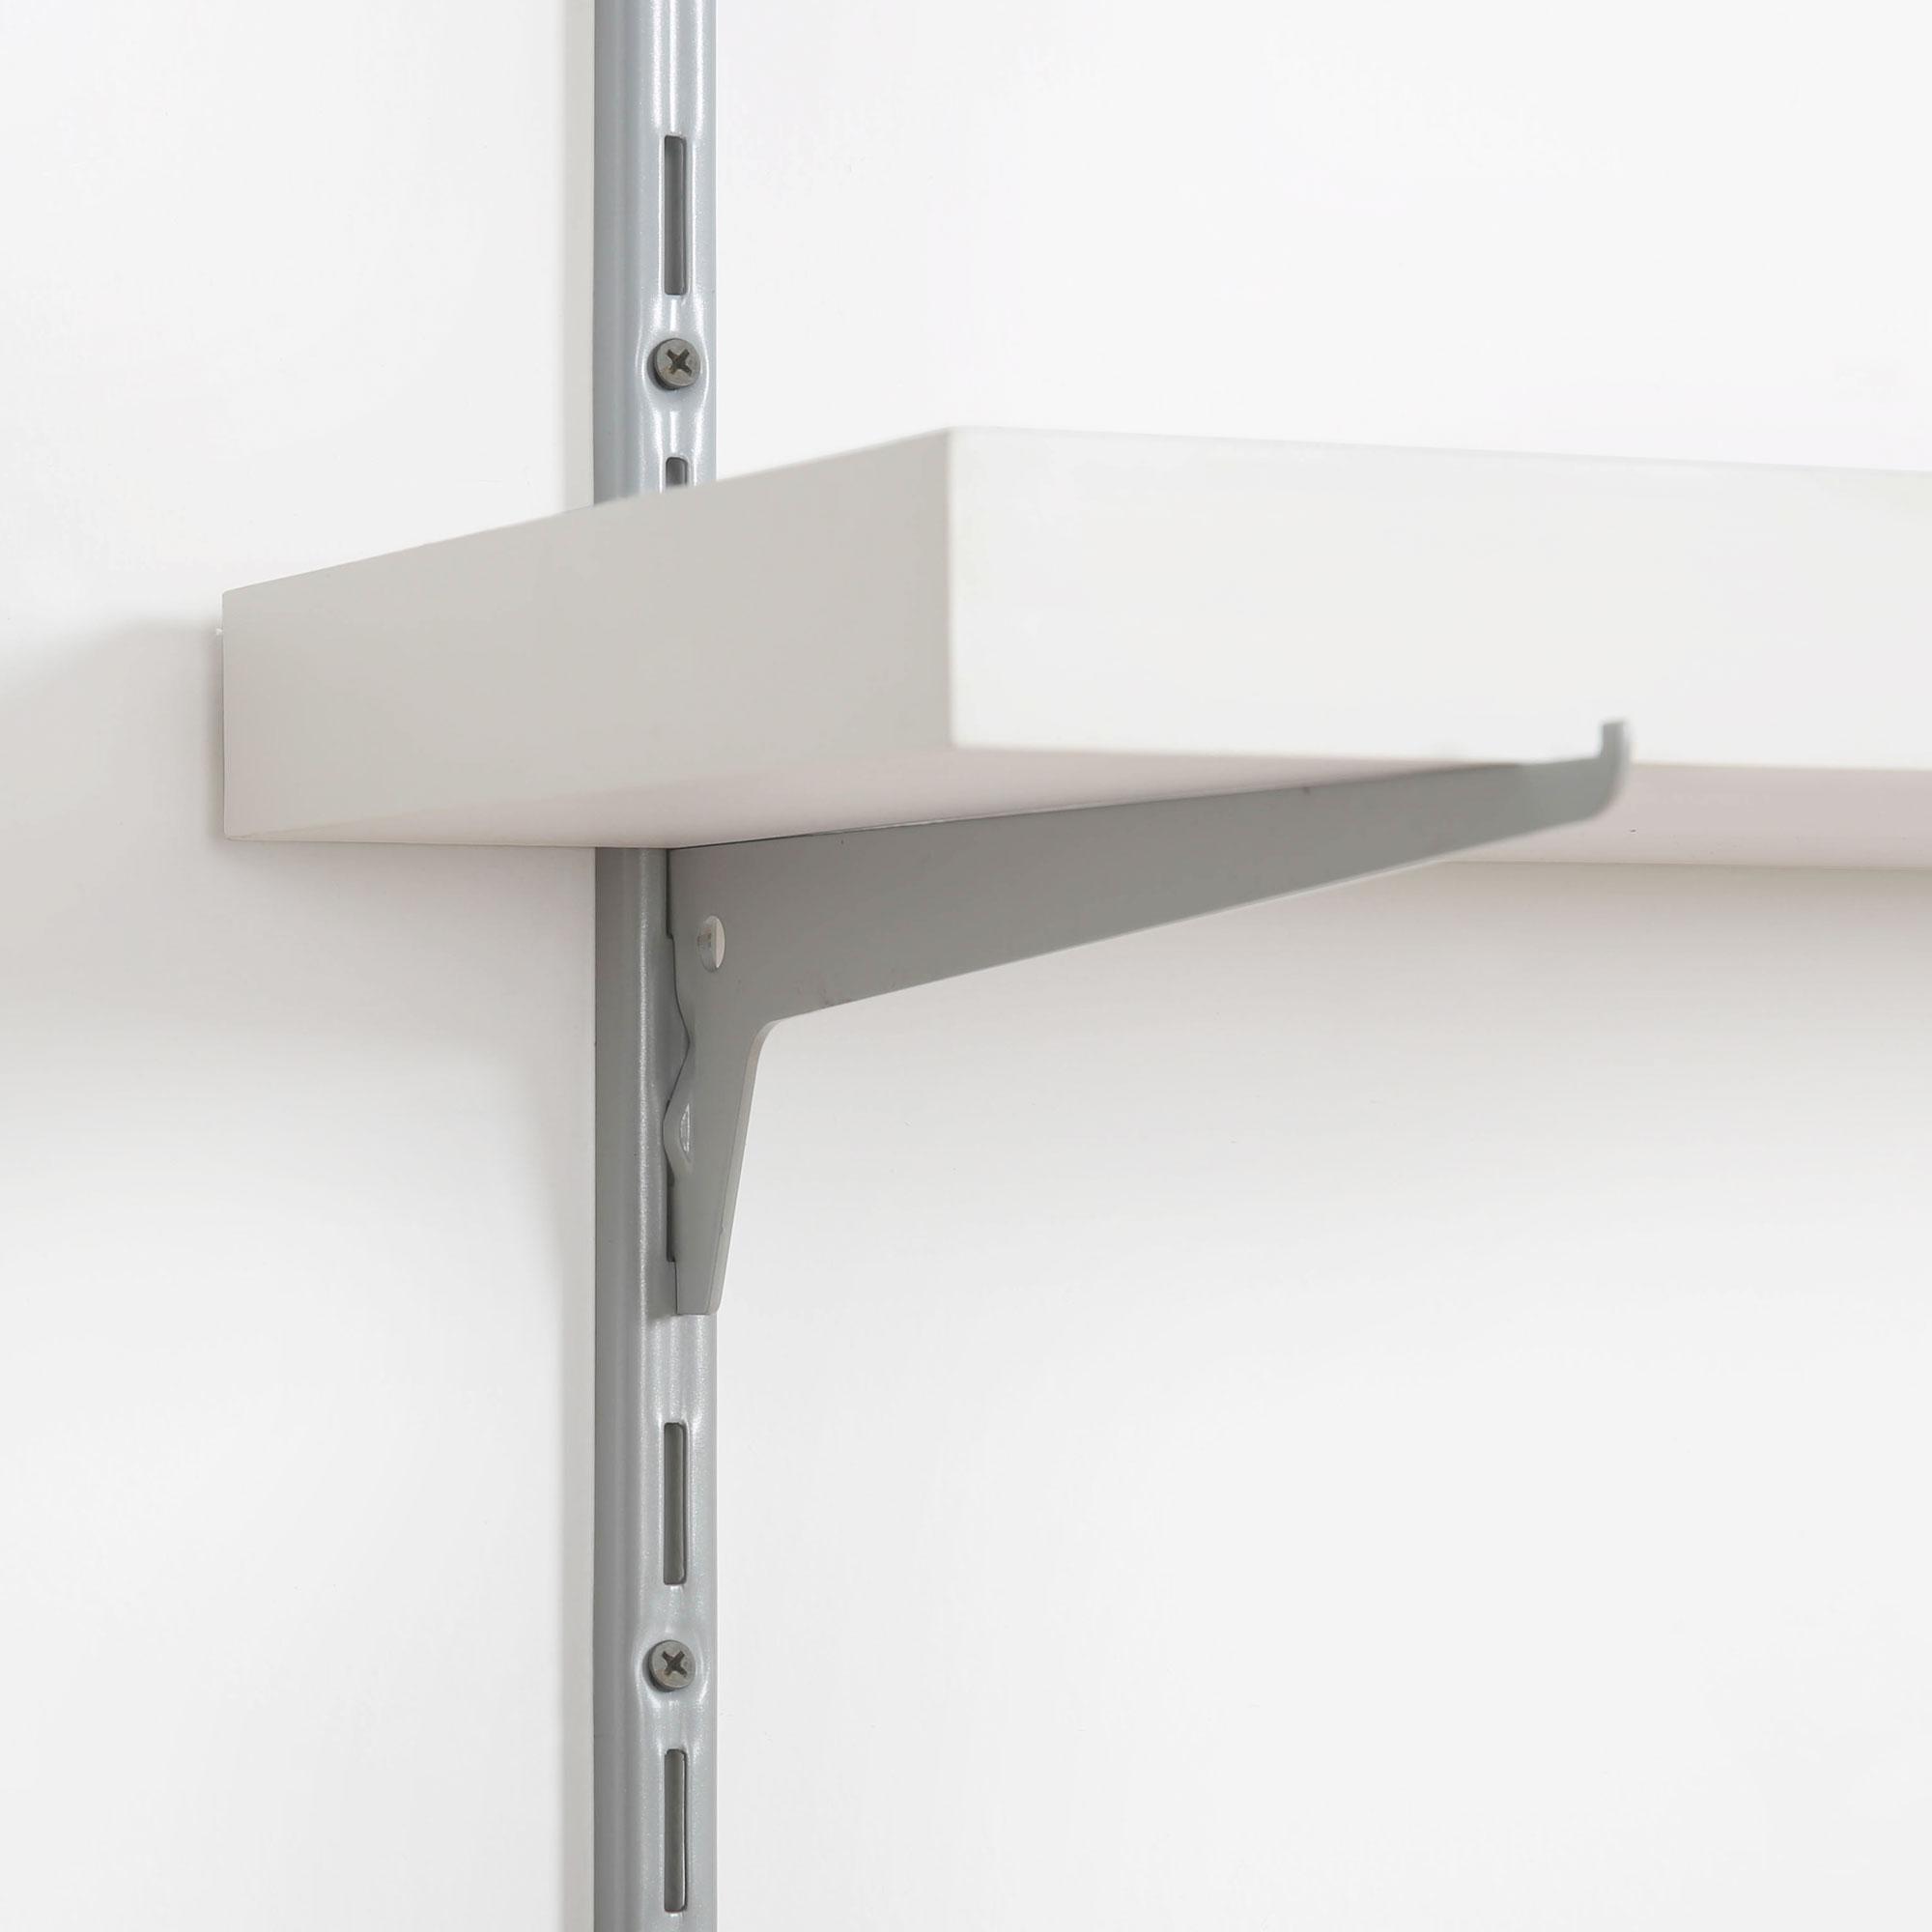 details sur support d etagere murale console simple pour cremaillere 1 rangee rail mural